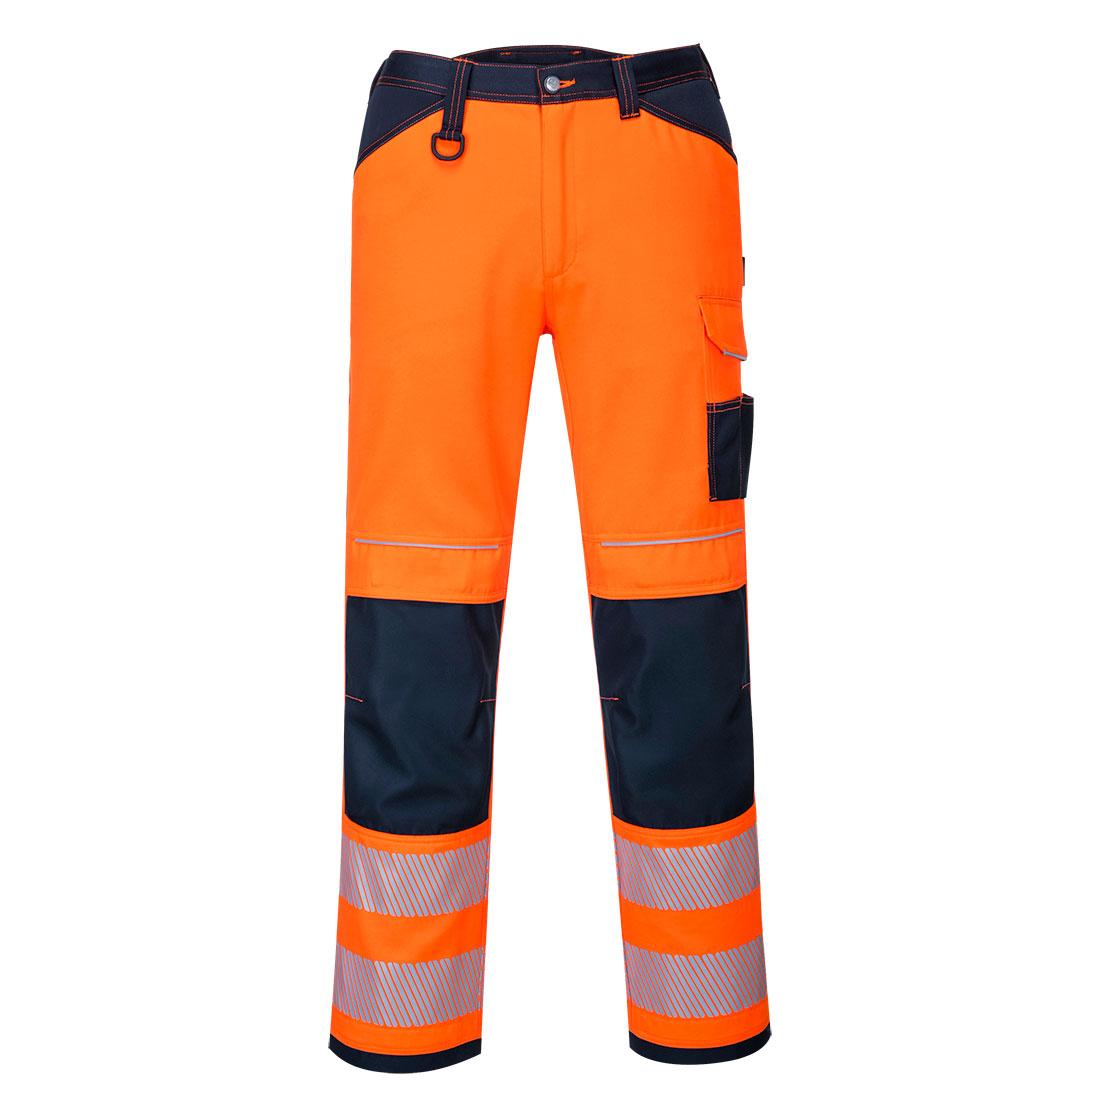 PW3 Hi-Vis Work Trousers Orange/Navy 41R